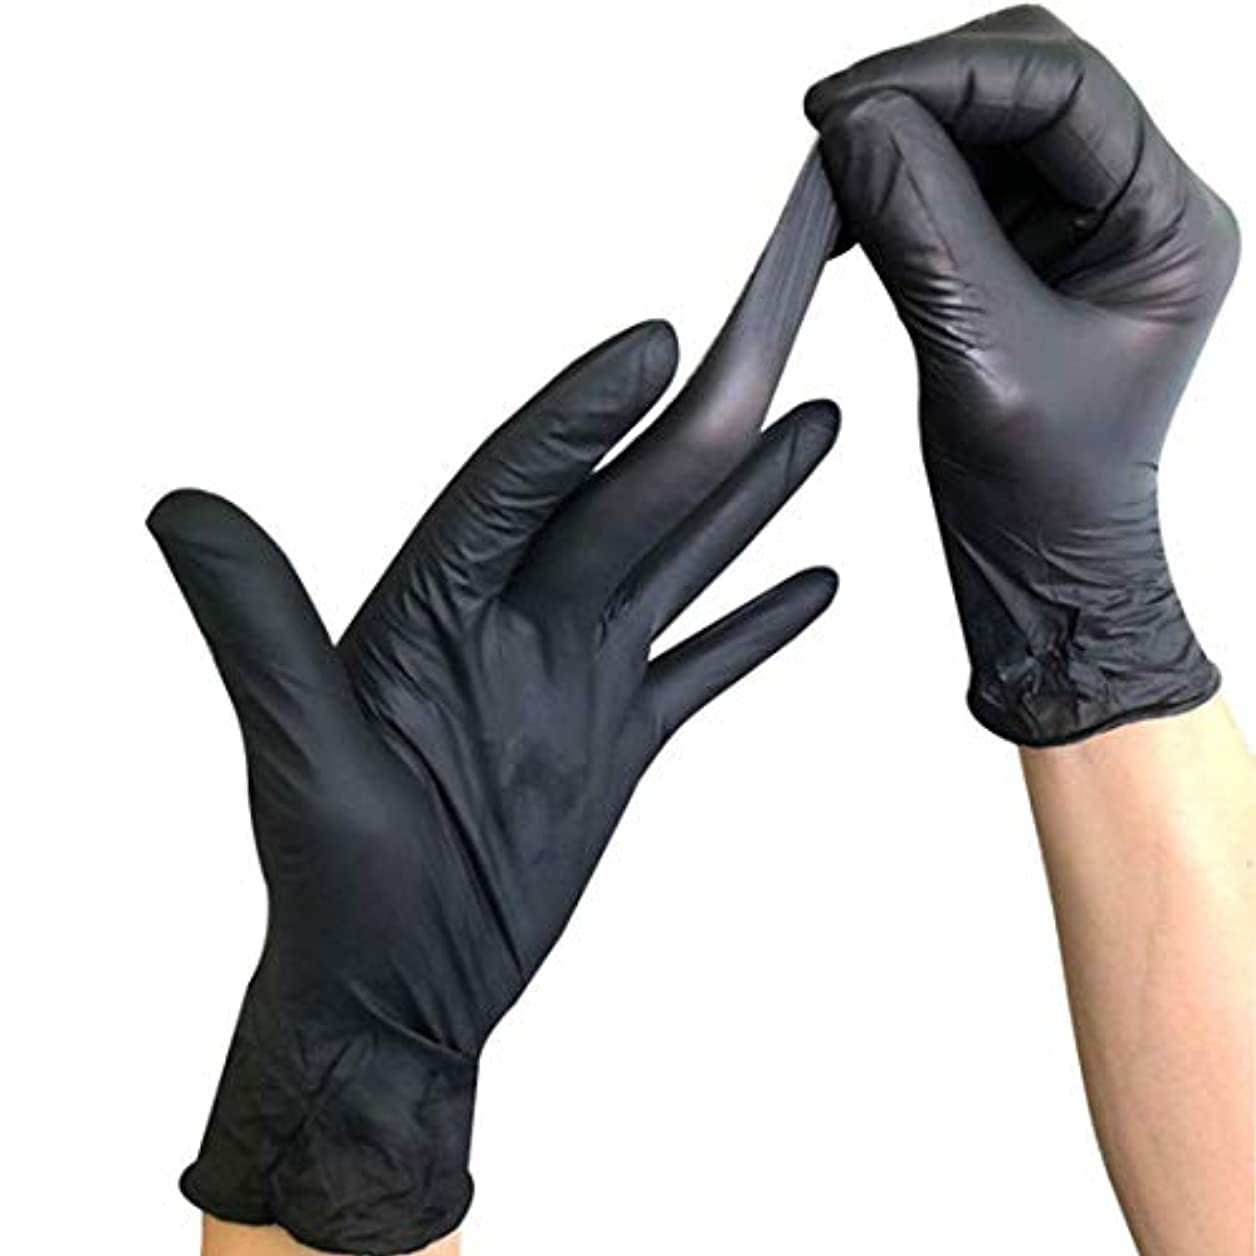 クリーム研磨剤トマト使い捨て手袋 ニトリル手袋 厚手防水 耐油 耐久性が強い上に軽く高品質黒 100枚